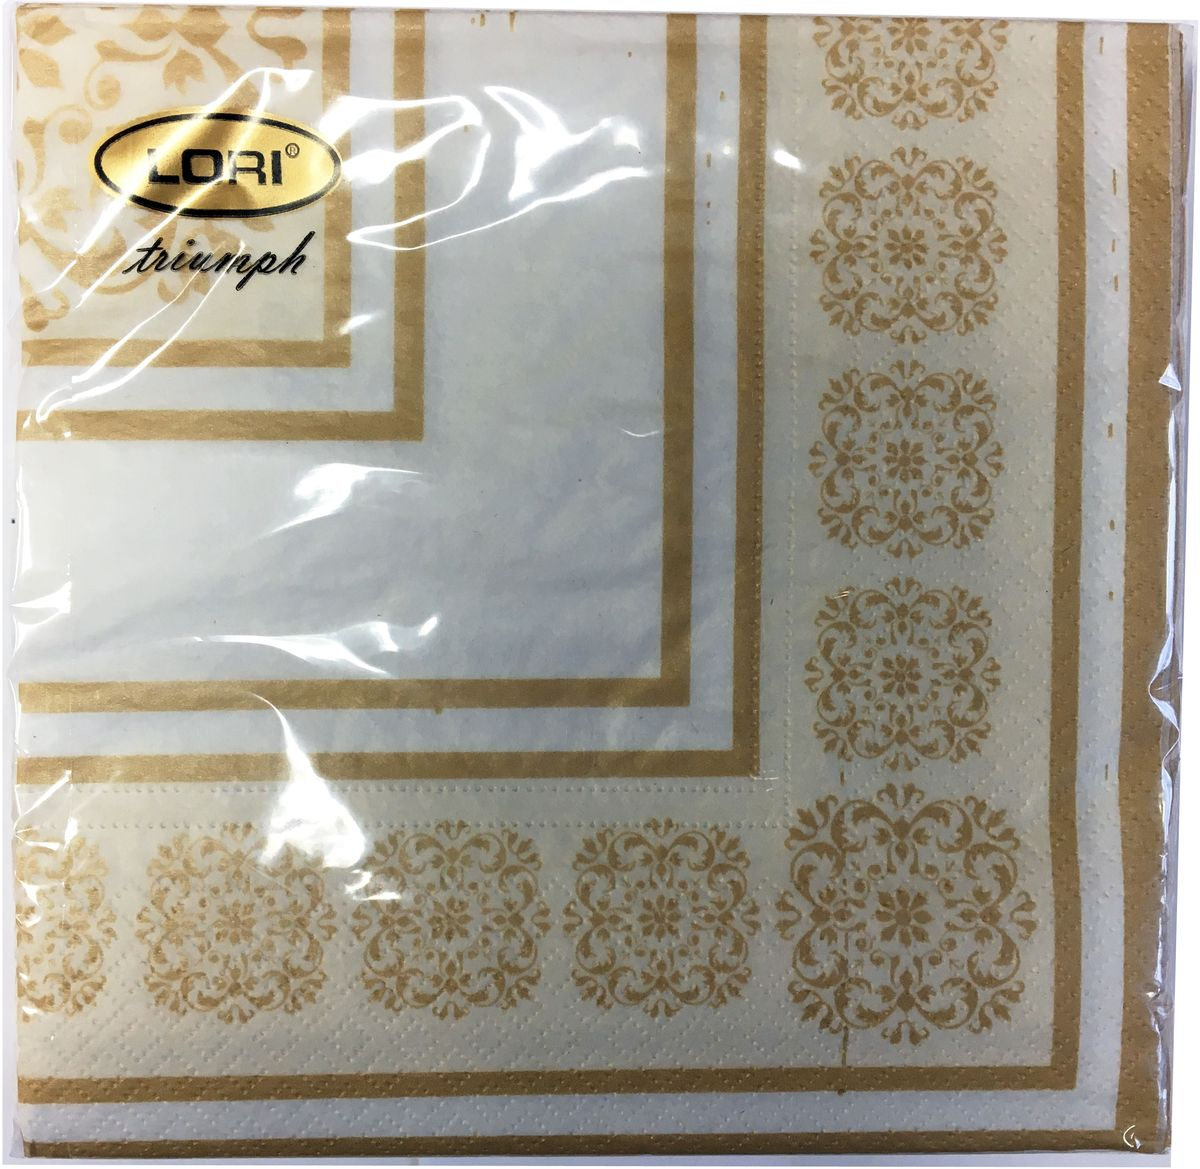 Салфетки бумажные Lori Triumph, трехслойные, цвет: коричневый, белый, 33 х 33 см, 20 шт. 566174606920000043_оранжевый, коричневыйДекоративные трехслойные салфетки Lori Triumph выполнены из 100% целлюлозы и оформлены ярким рисунком. Изделия станут отличным дополнением любого праздничного стола. Они отличаются необычной мягкостью, прочностью и оригинальностью.Размер салфеток в развернутом виде: 33 х 33 см.